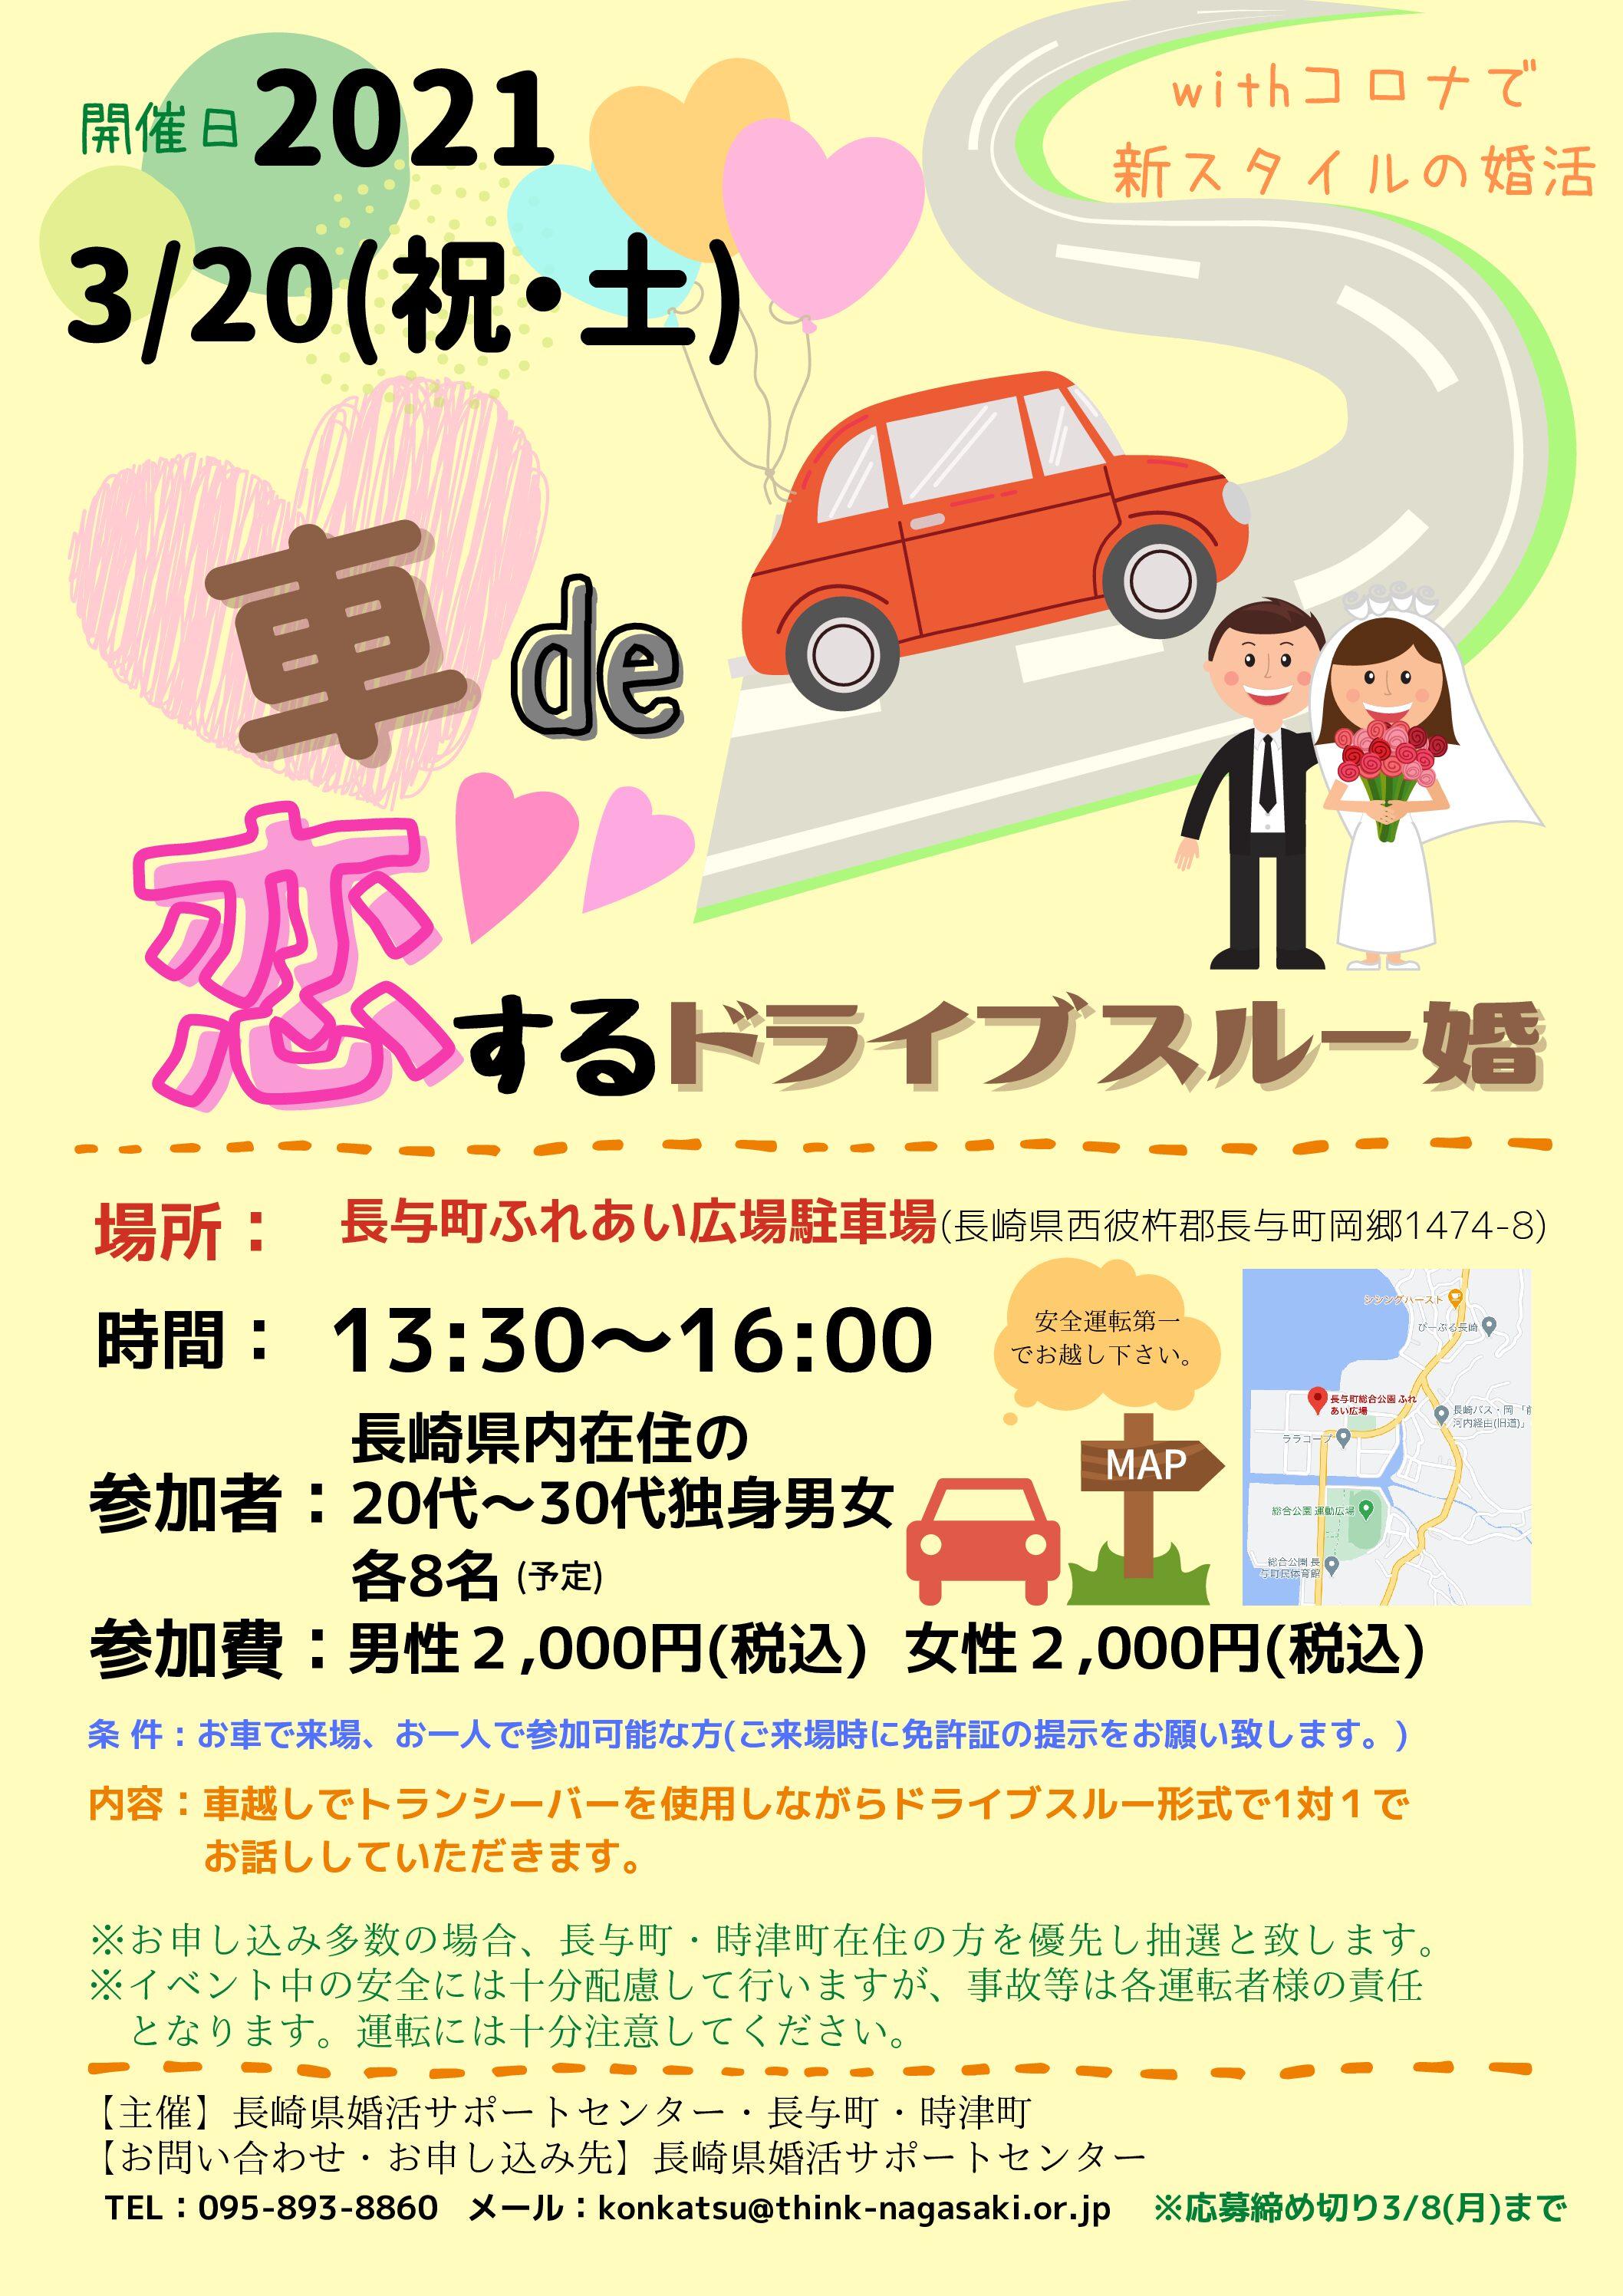 【長崎】3/20(祝・土)長崎県婚活サポートセンター♡車de恋するドライブスルー婚♡